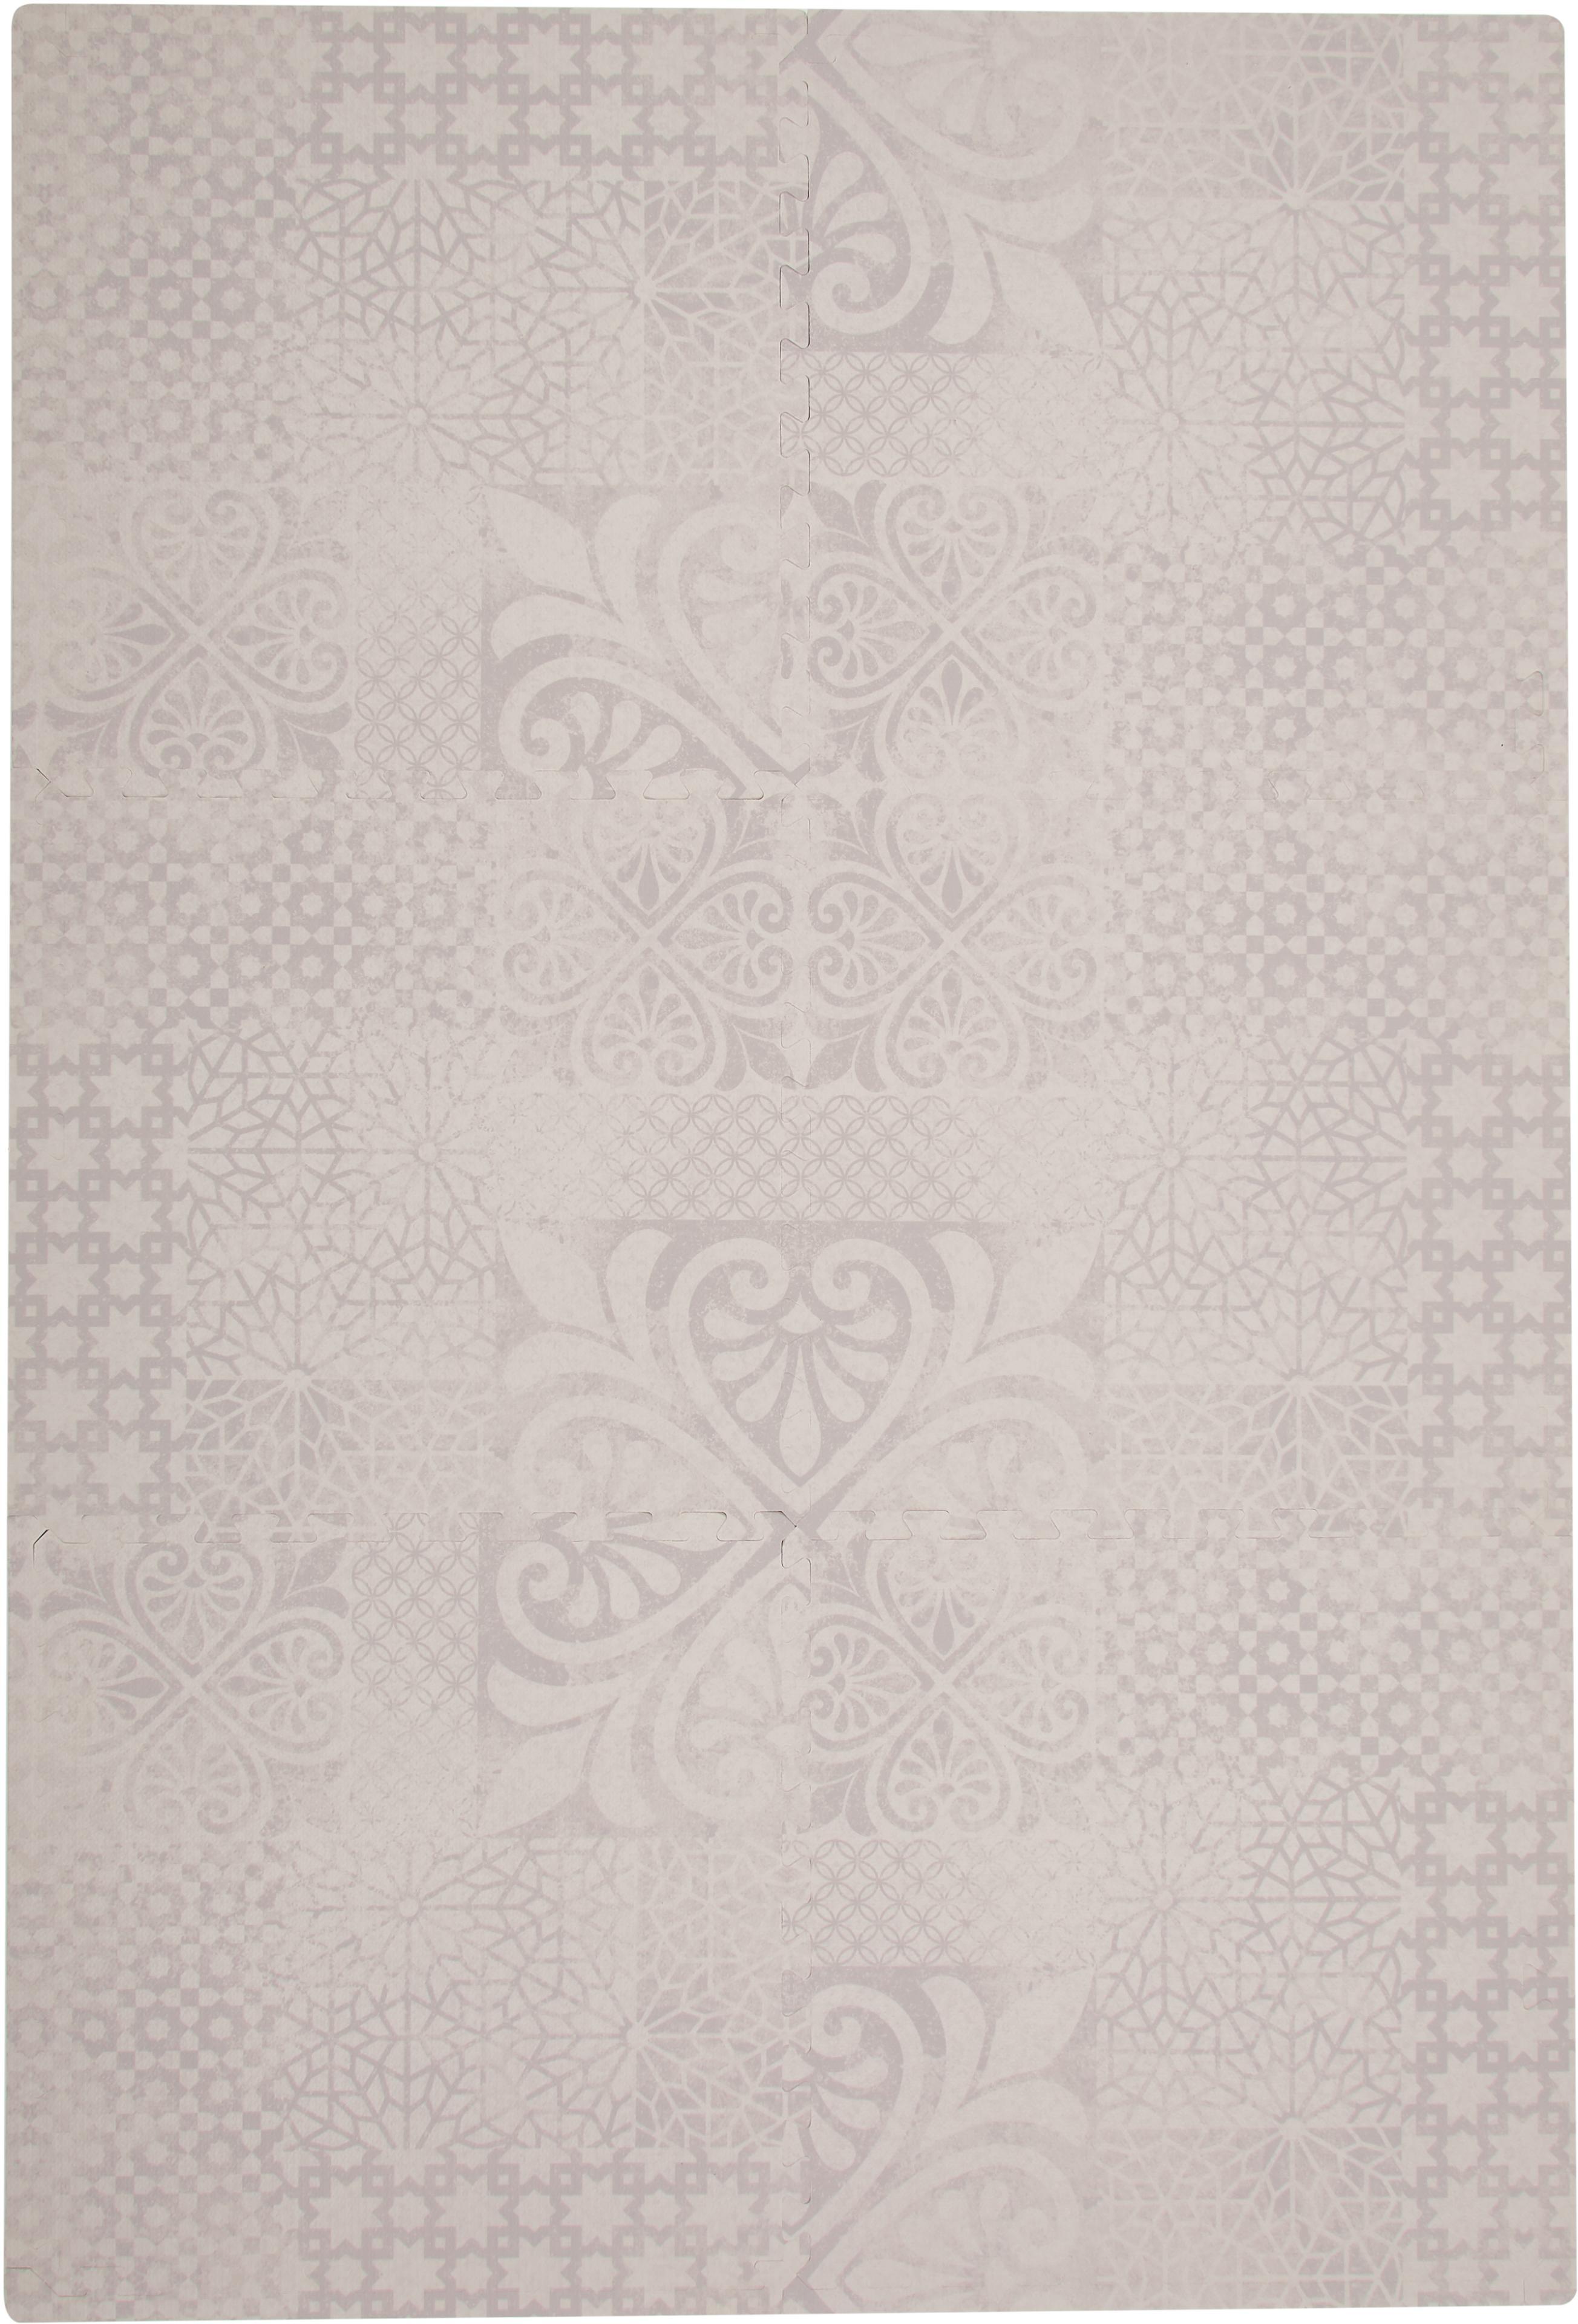 Komplet rozkładanej maty do zabawy Persian, 18 elem., Piana (EVAC), bez zanieczyszczeń, Beżowy, S 120 x D 180 cm